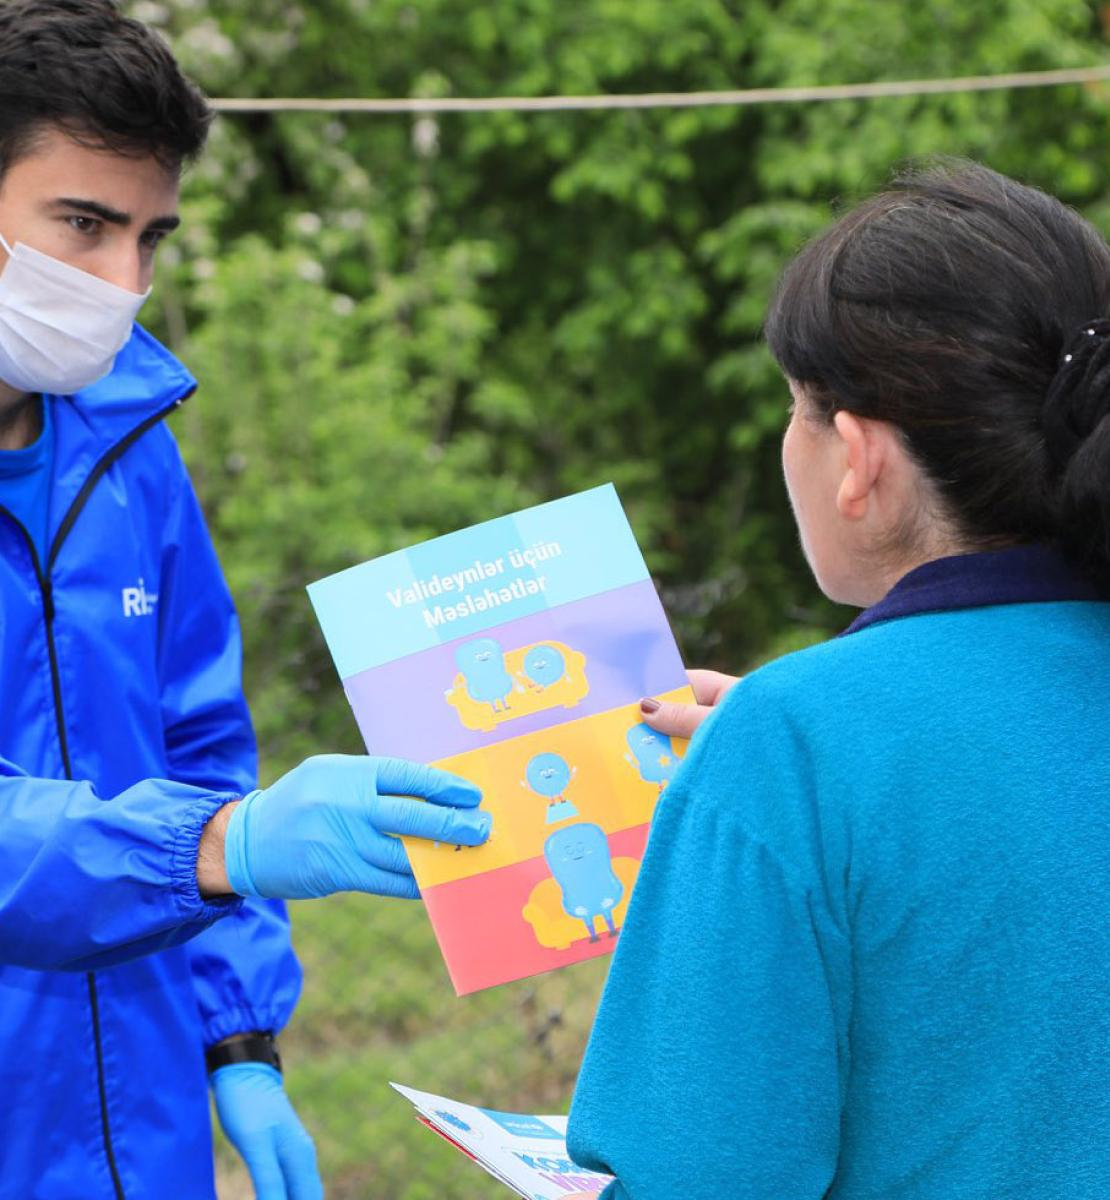 Voluntarios dedicados proporcionan material de concienciación sobre la COVID-19 para ayudar a la comunidad a prevenir la propagación del virus.